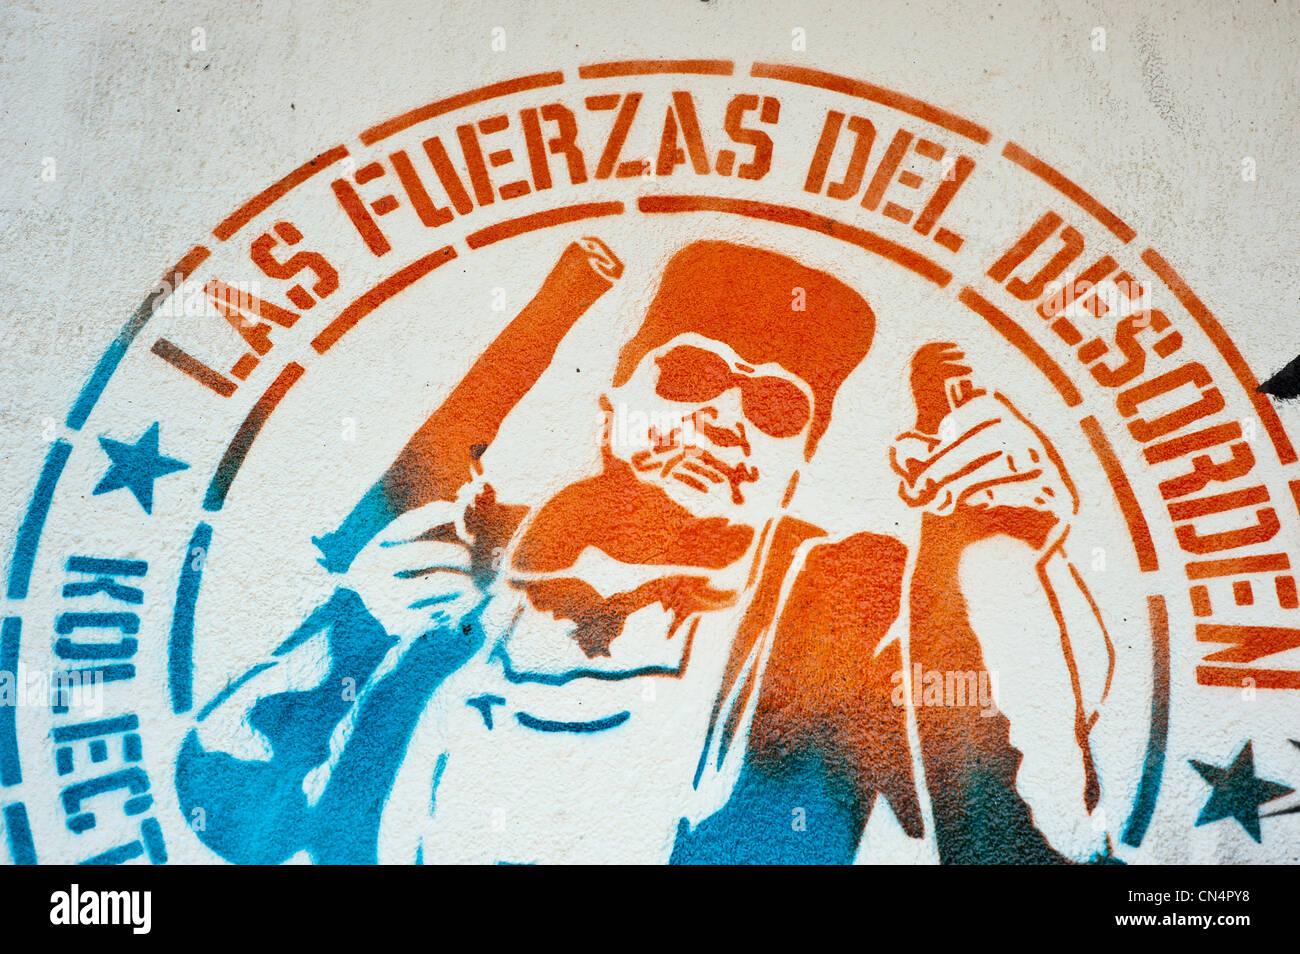 El departamento de Cundinamarca, Colombia, Bogotá, distrito centro, mural Imagen De Stock